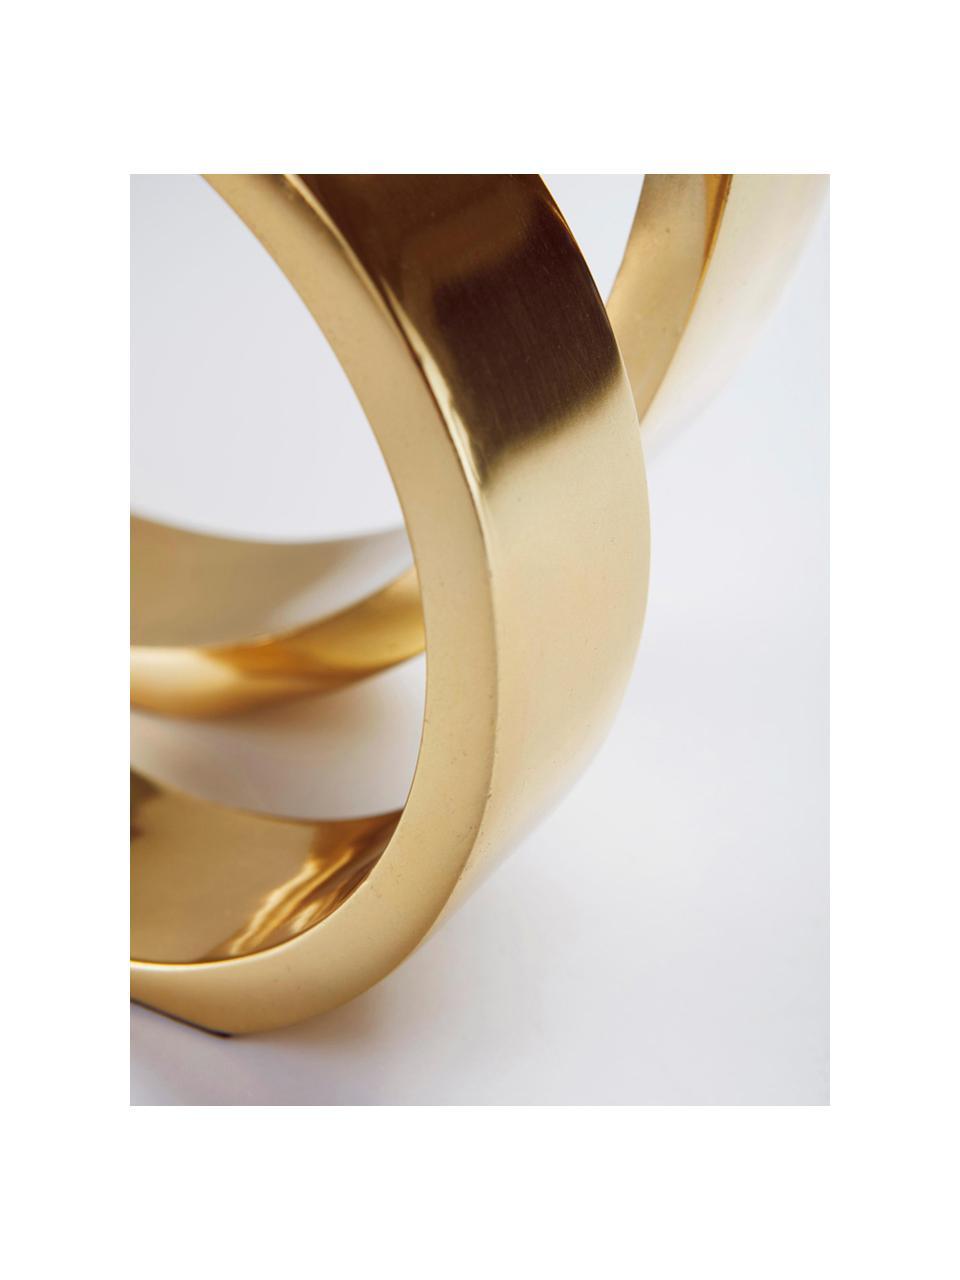 Deko-Objekt The Ring, Metall, beschichtet, Goldfarben, Ø 25 x H 25 cm